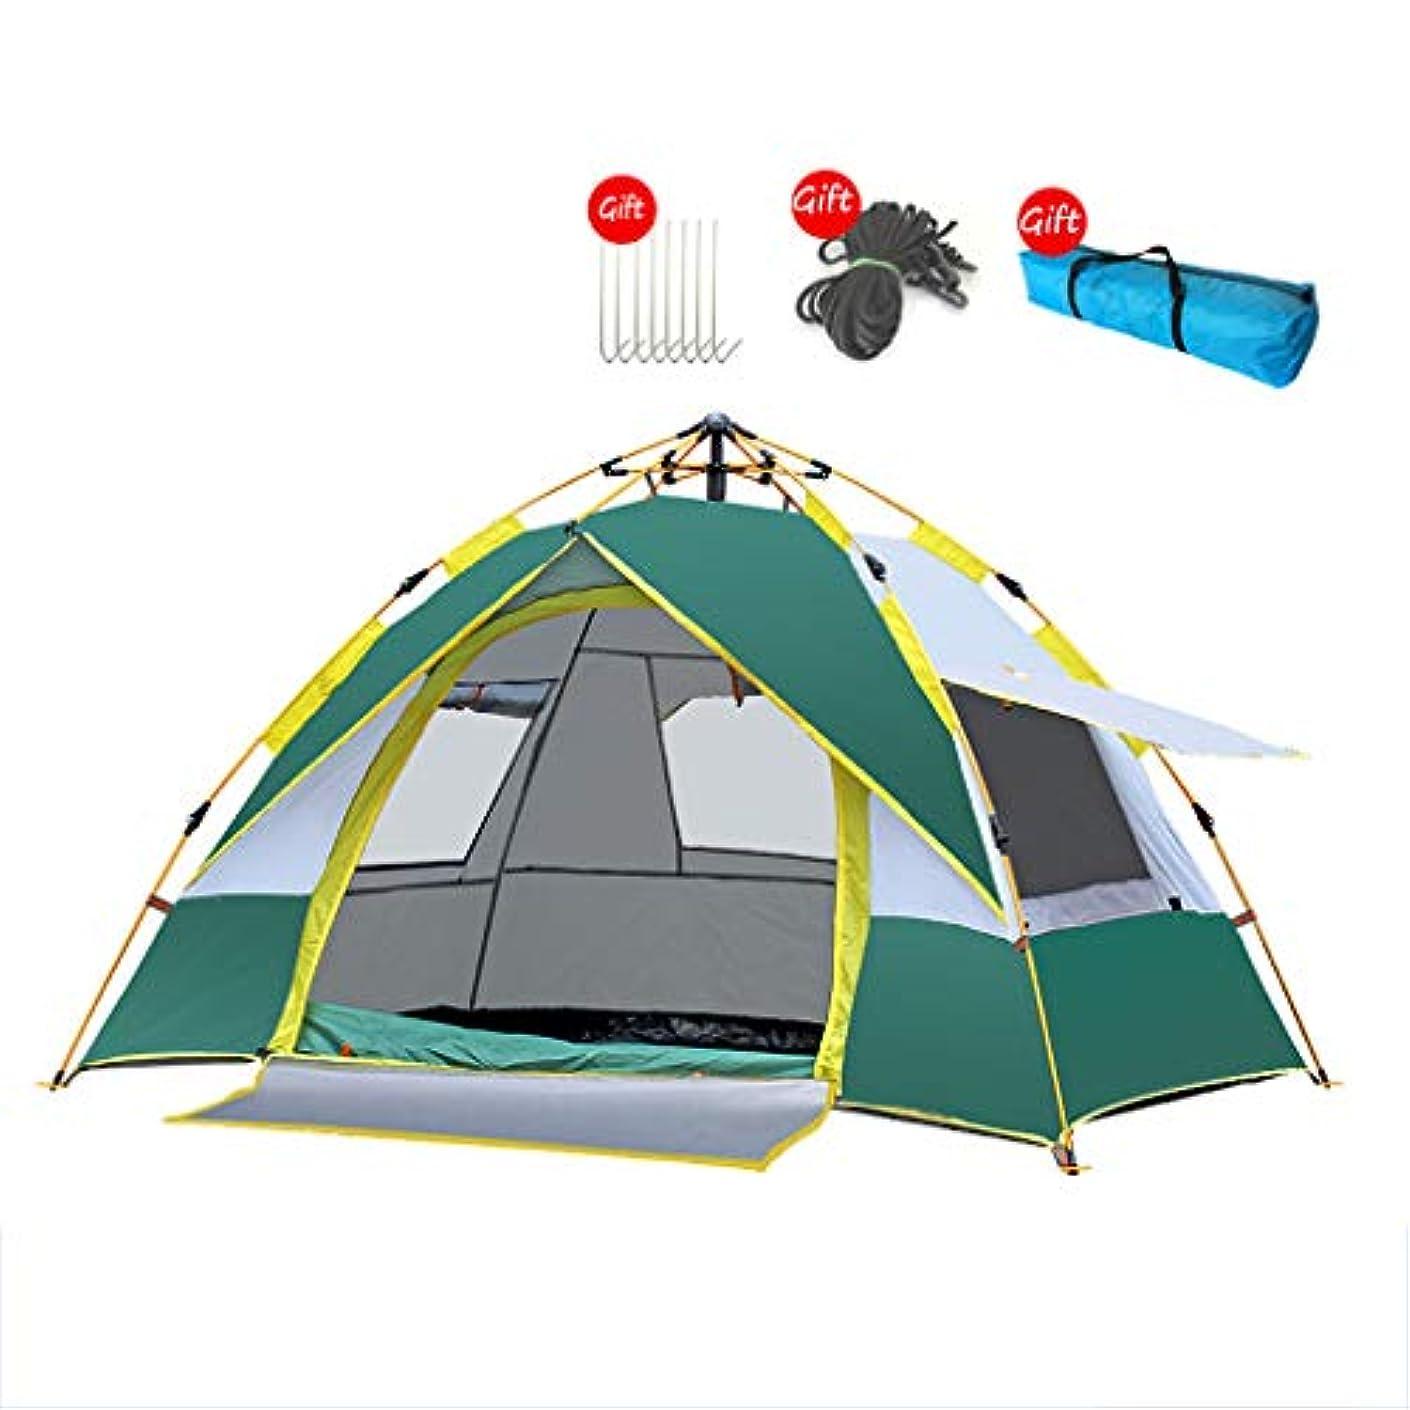 港仮装他のバンドでキャンプテント2-3人ポップアップ、ビーチファミリー屋外ガーデン釣りピクニック簡単防水軽量インスタント自動テント通気性大きなスペース、いいえアセンブリ必要